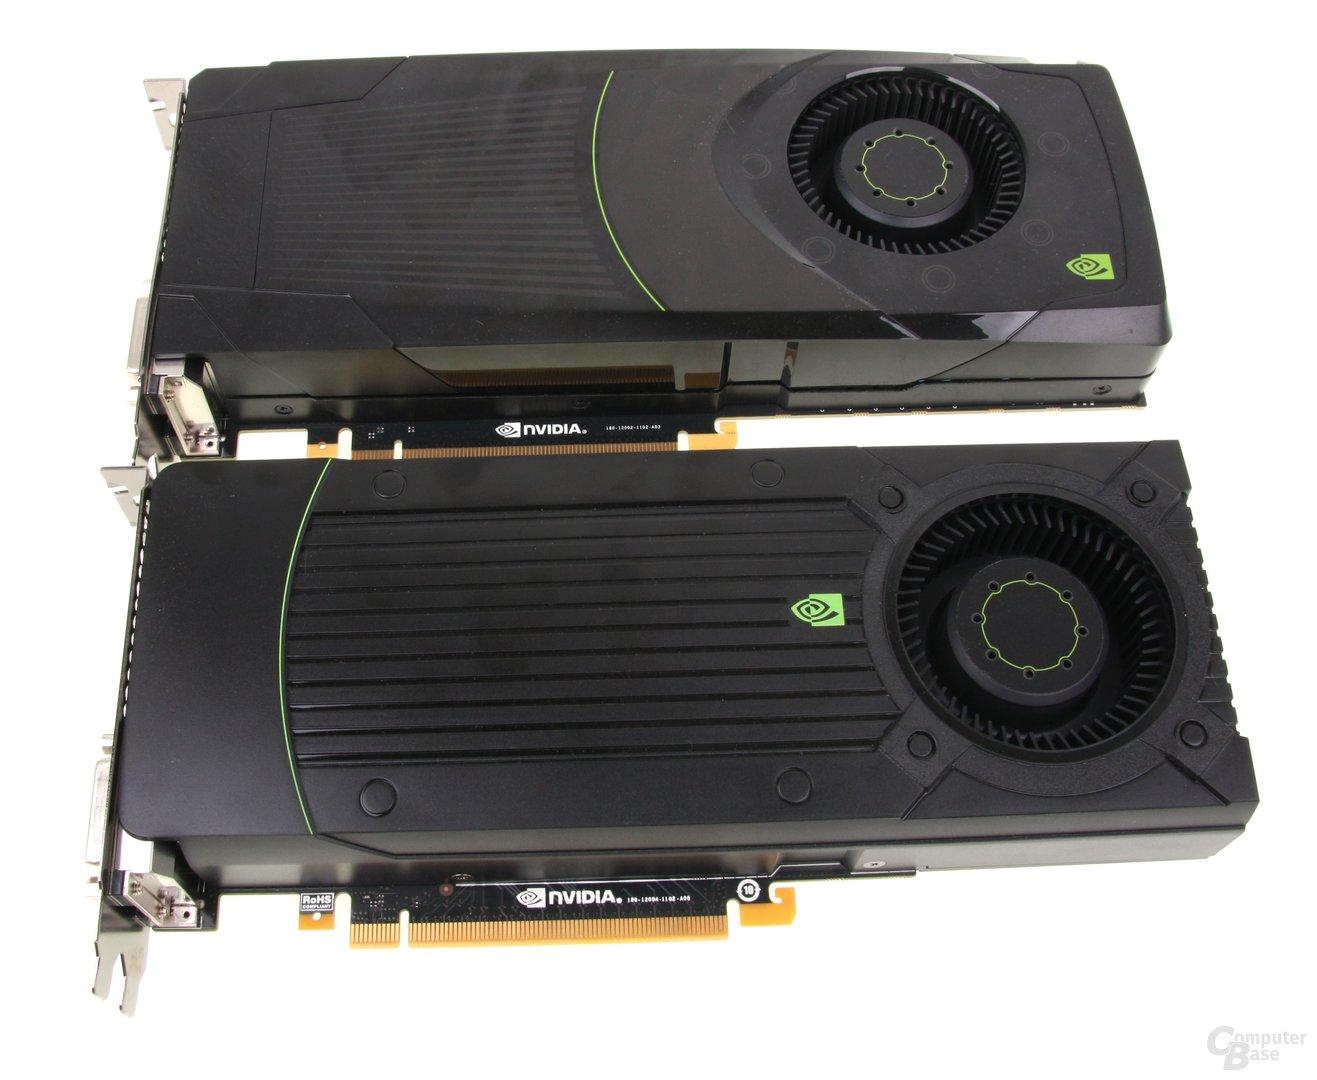 GeForce GTX 670 (unten) und GTX 680 (oben)